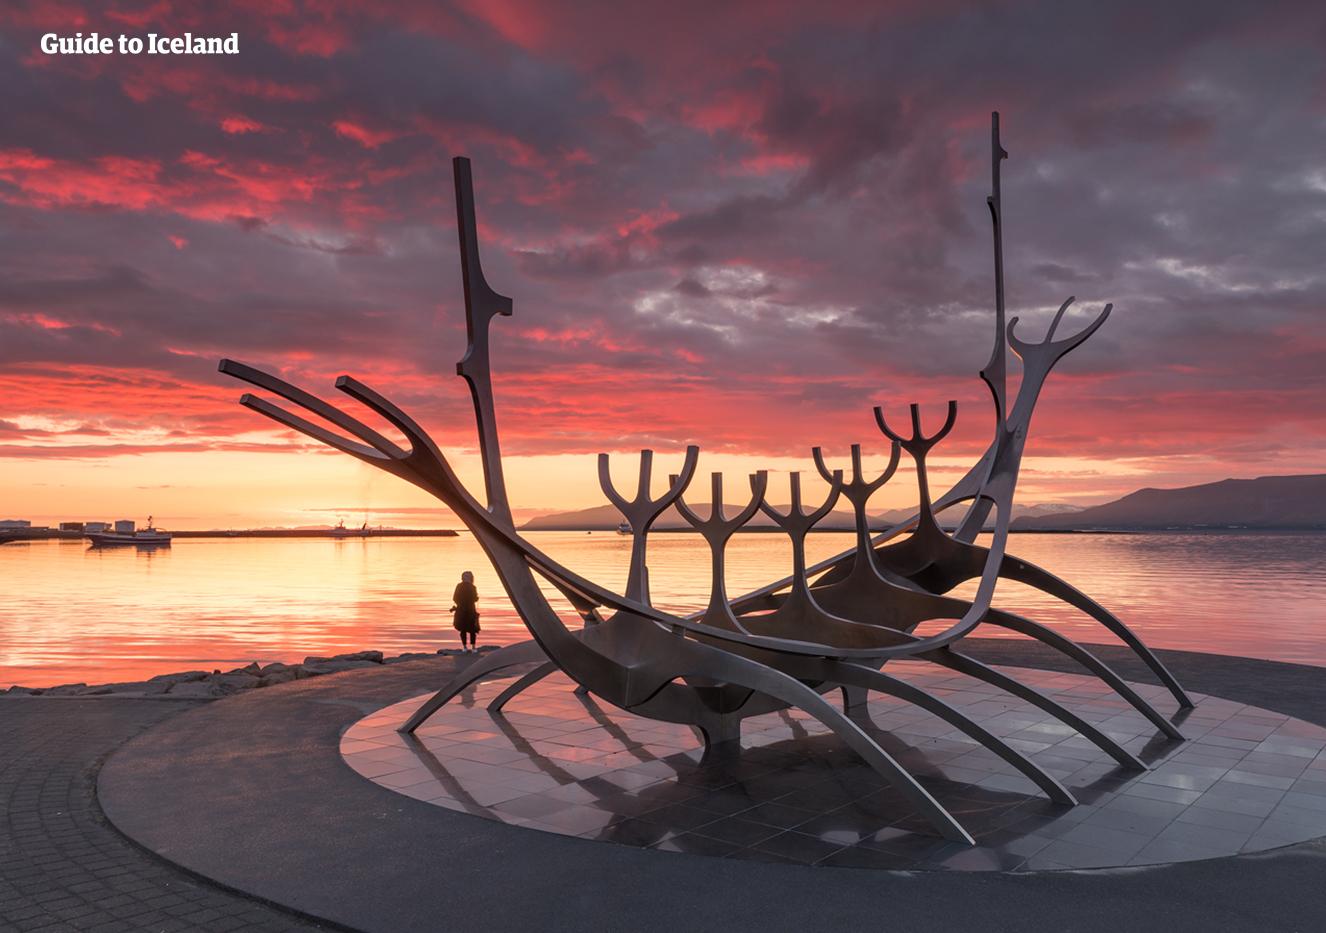 冰岛首都雷克雅未克的太阳航海者雕塑坐落于大西洋旁